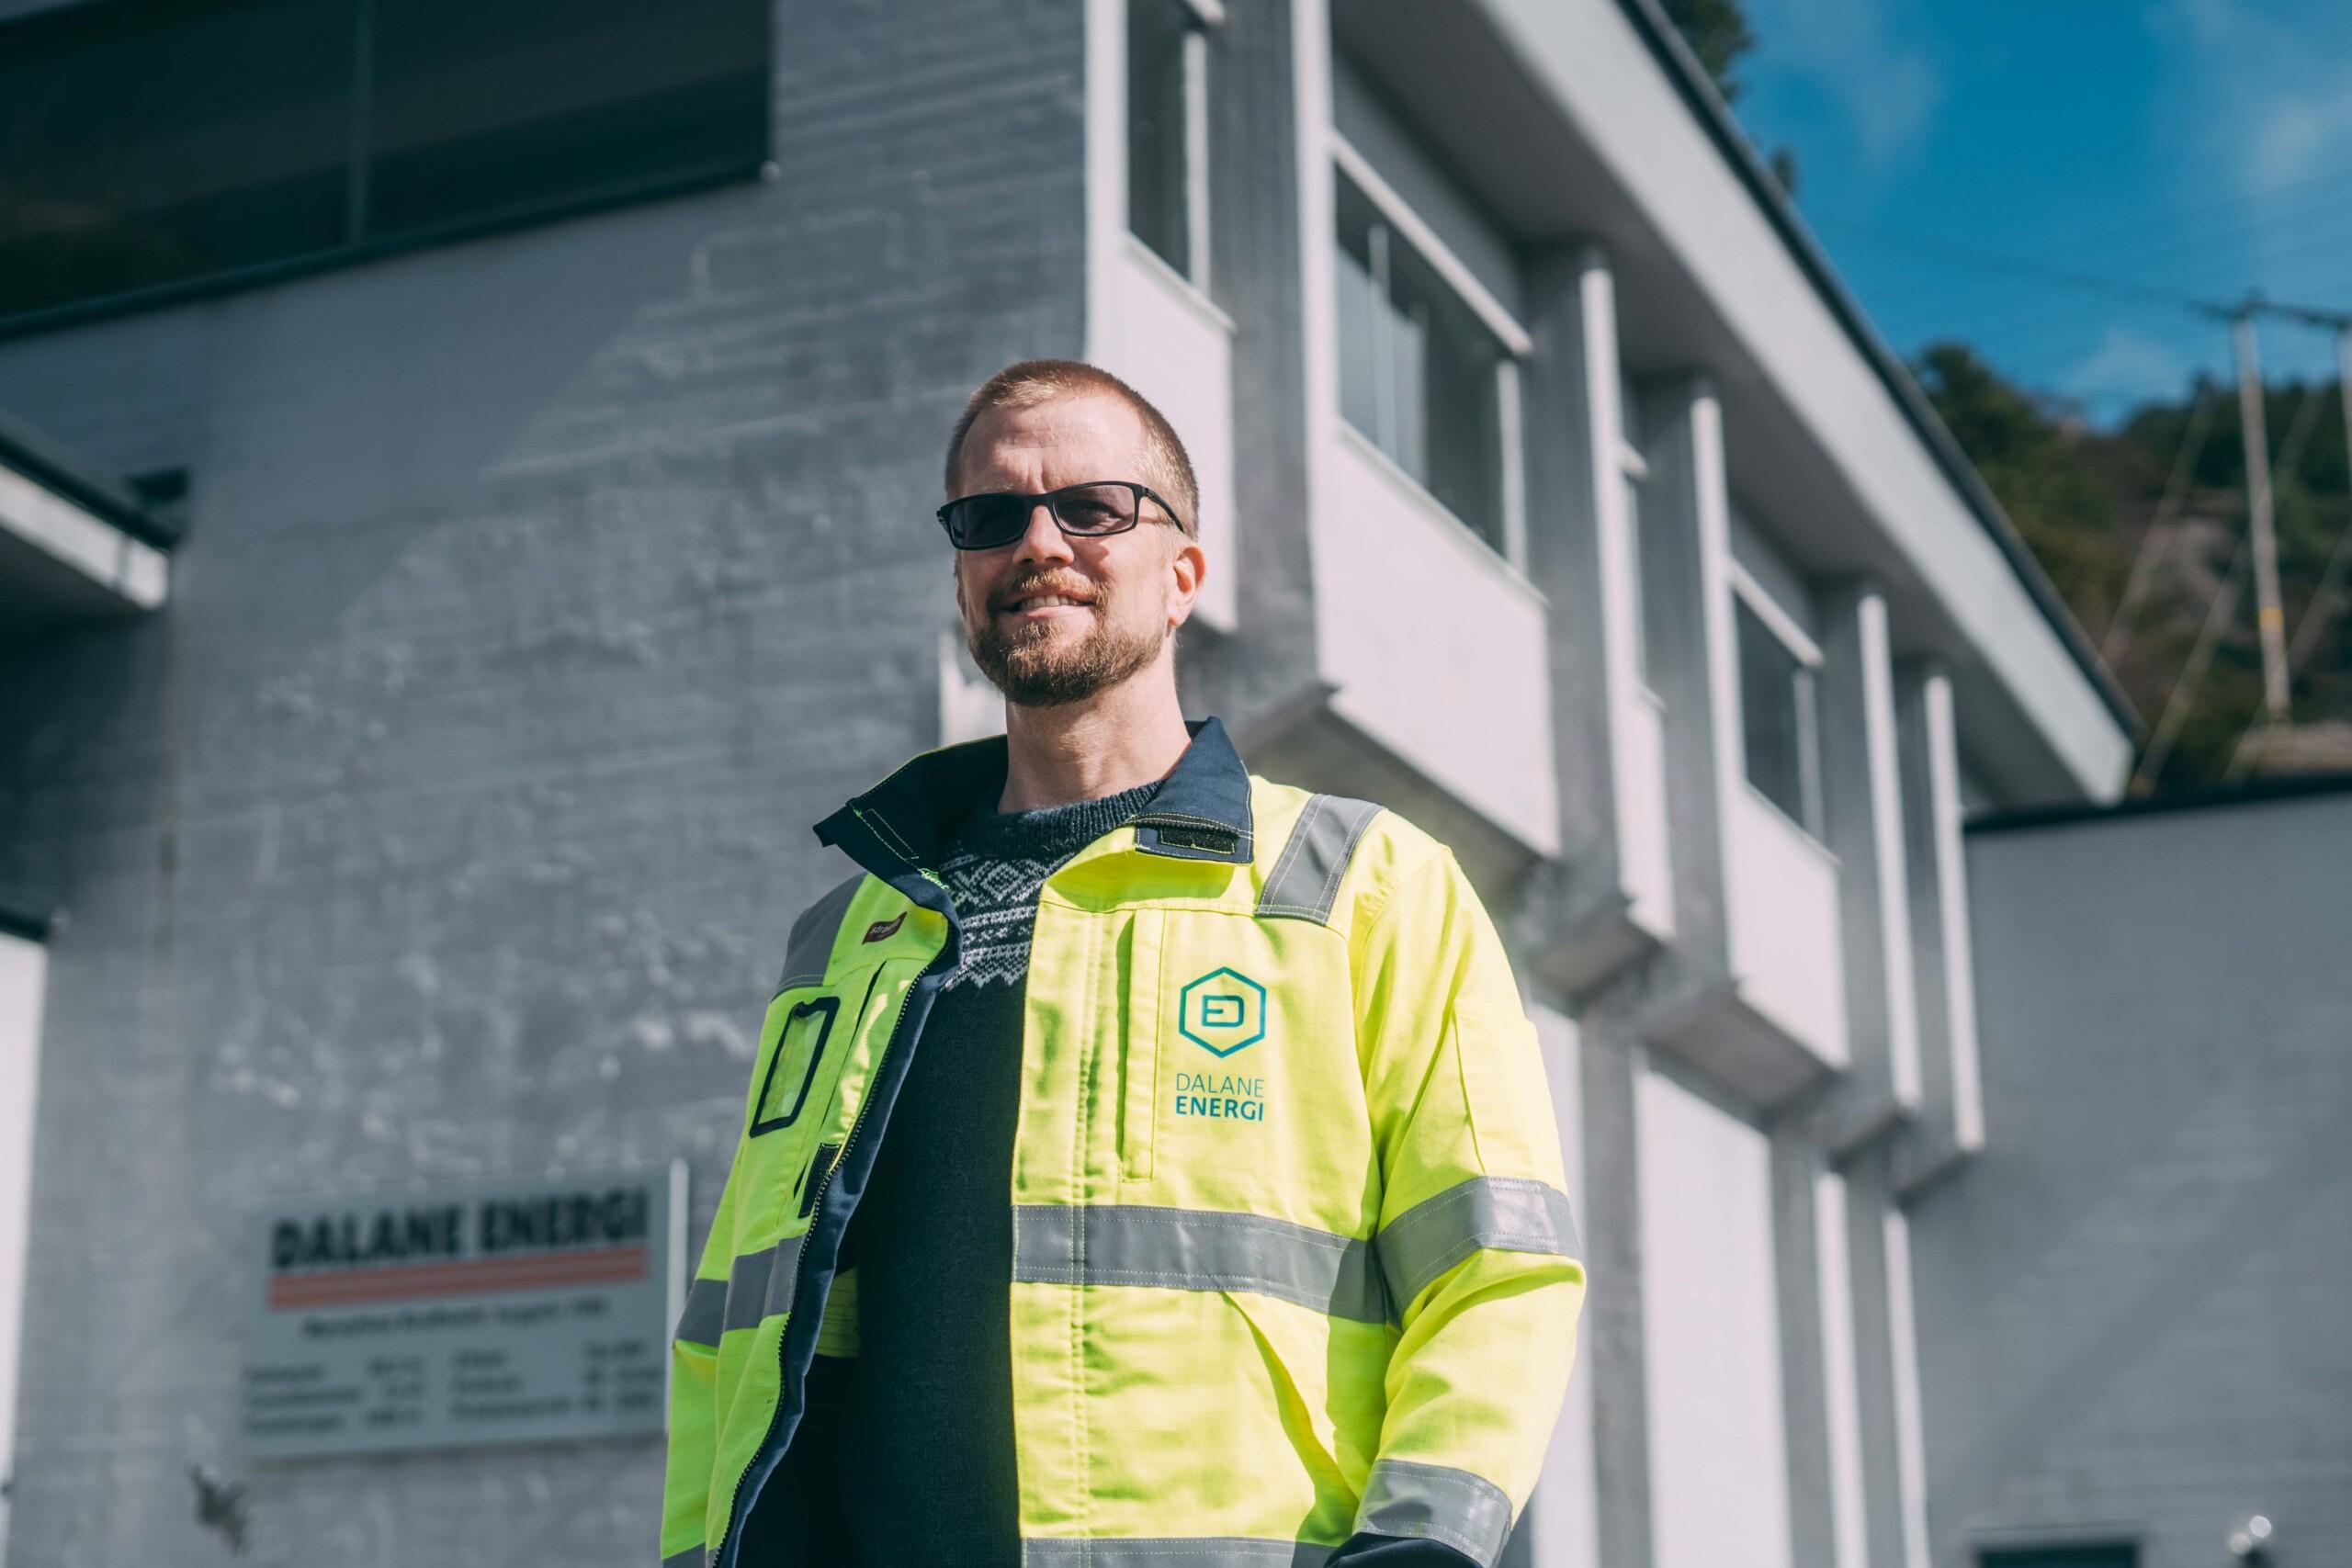 Overvåkingssystem utviklet av Dalane Kraft skal brukes i hele Norge